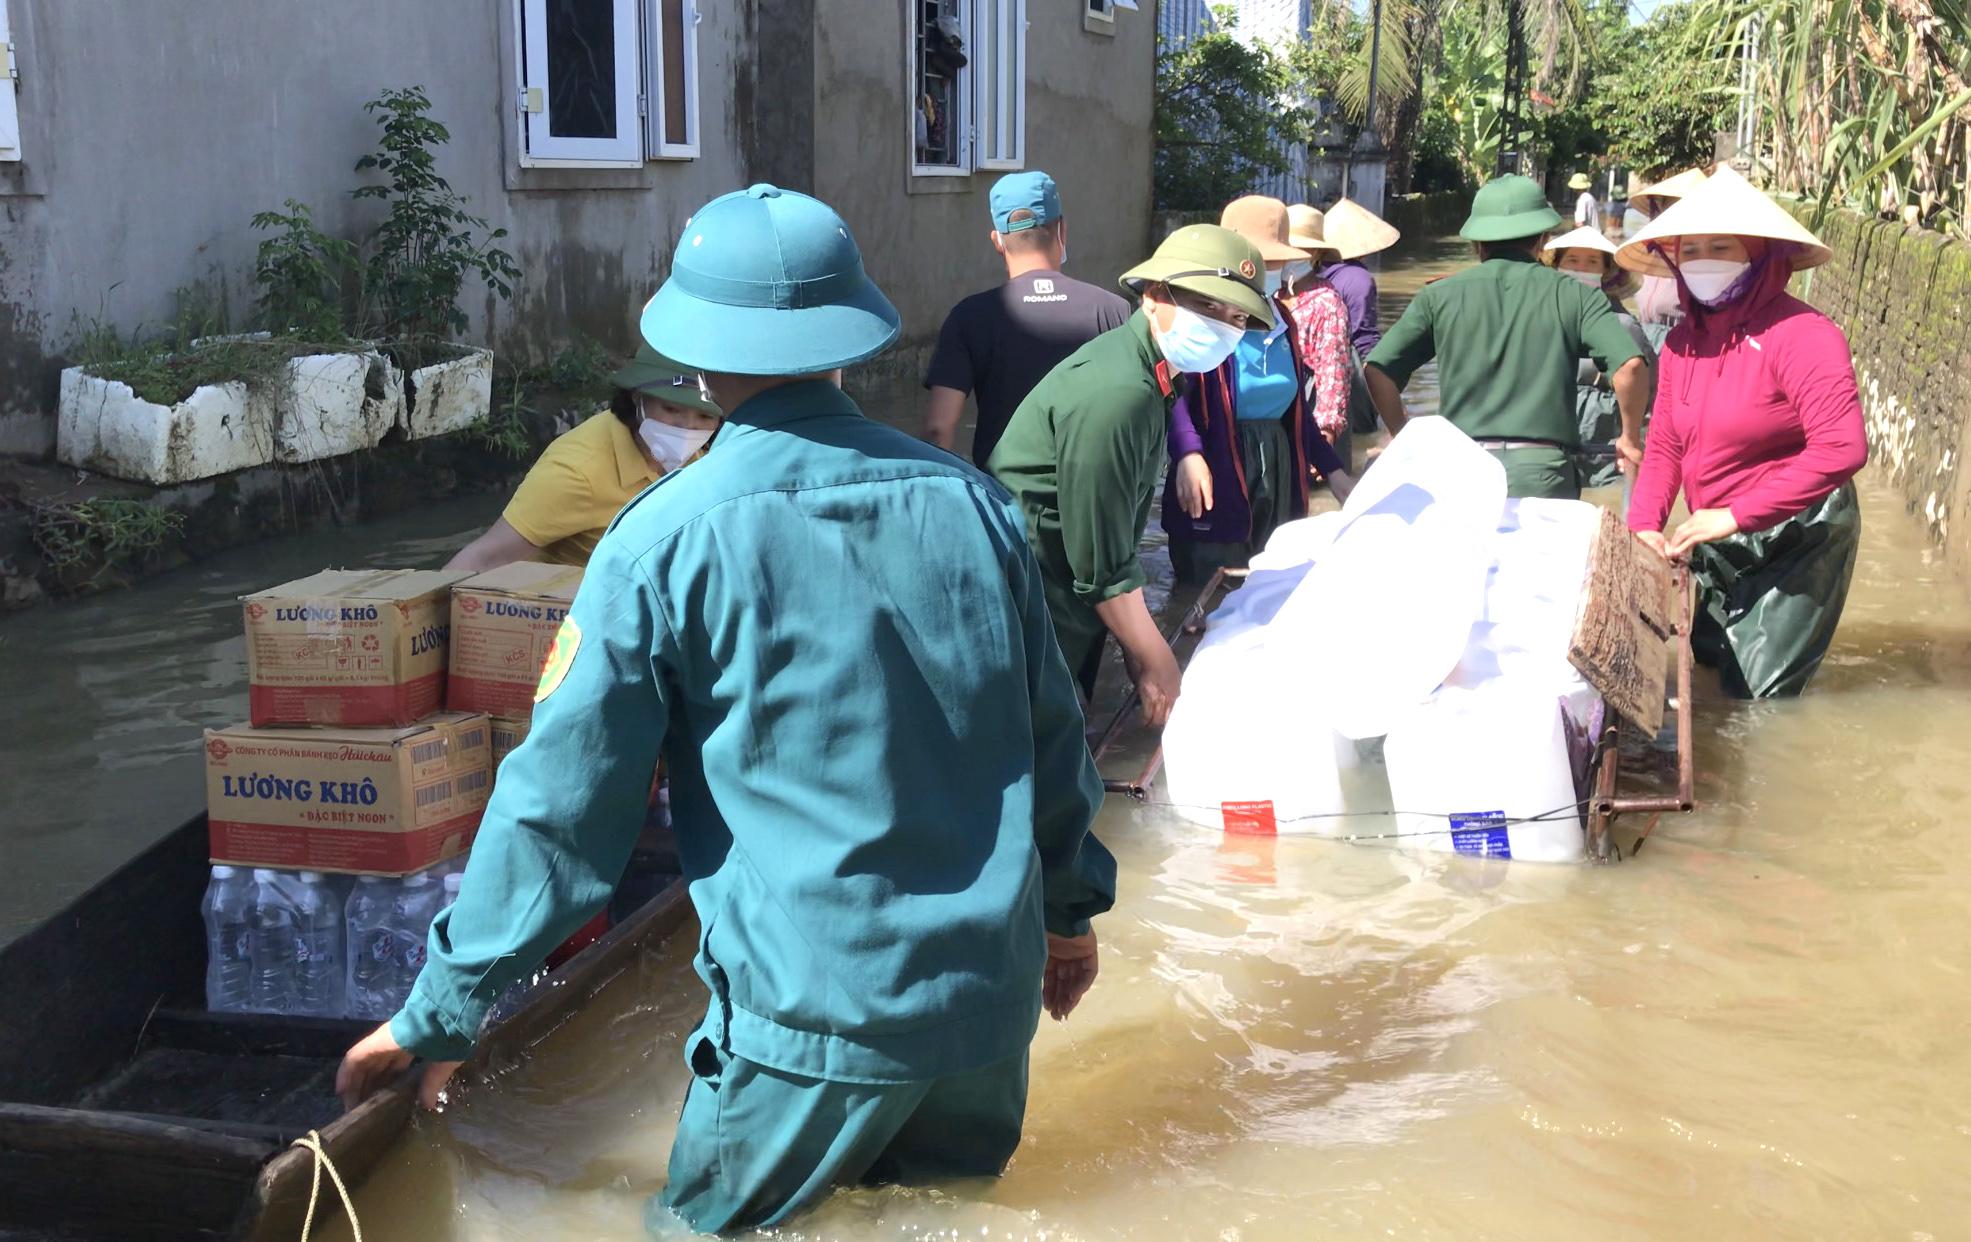 Nắng lên, dòng nước đục cũng dần rút để lại những hỗn độn cho người dân. Đặc biệt, nước sạch là một trong những thứ cấp bách do nguồn nước sạch bị mất.